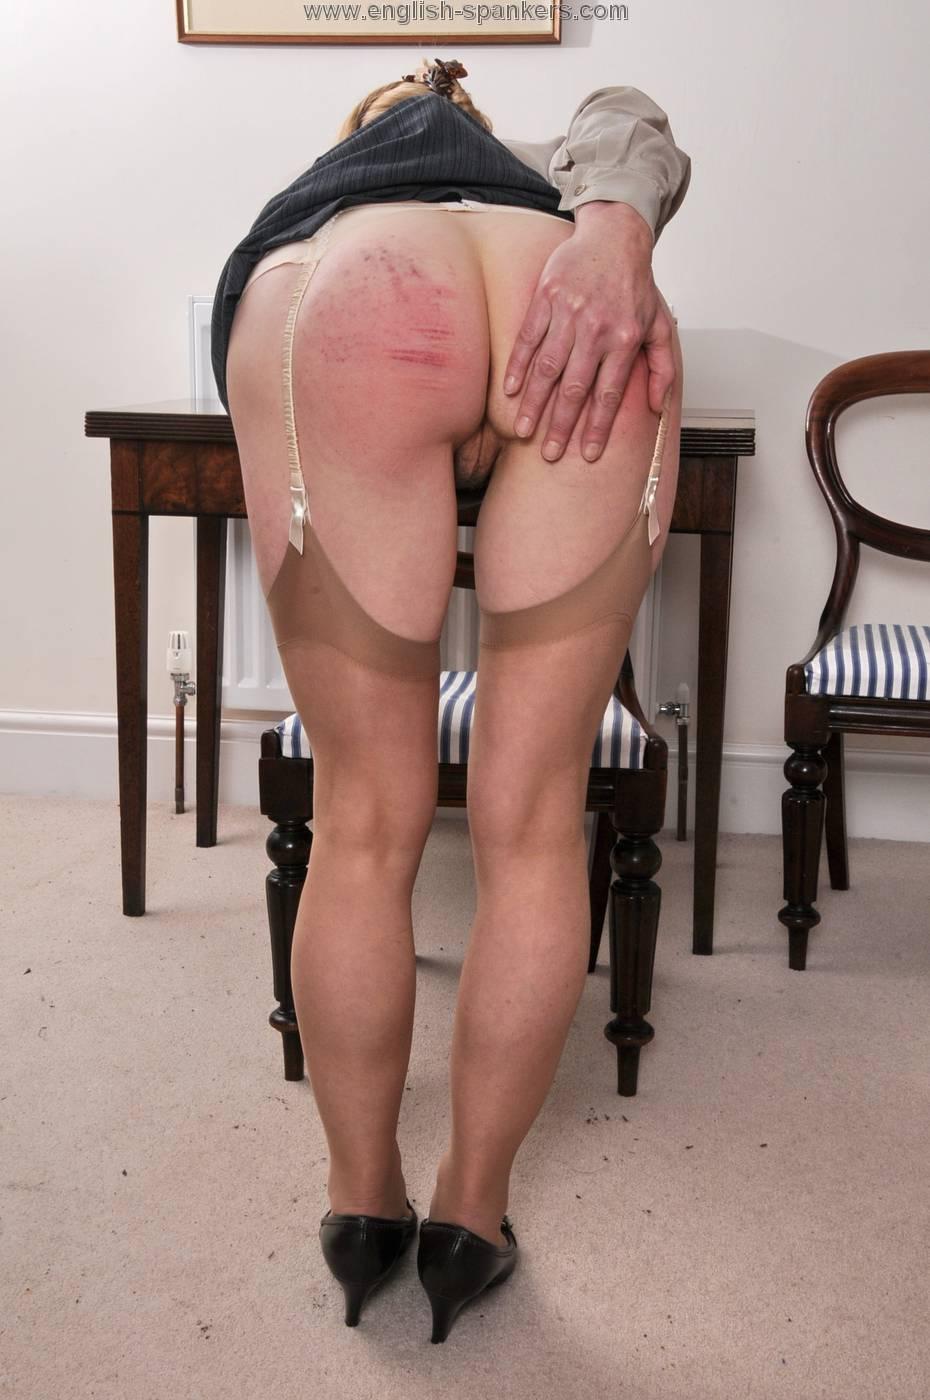 sexie women brest nude porn